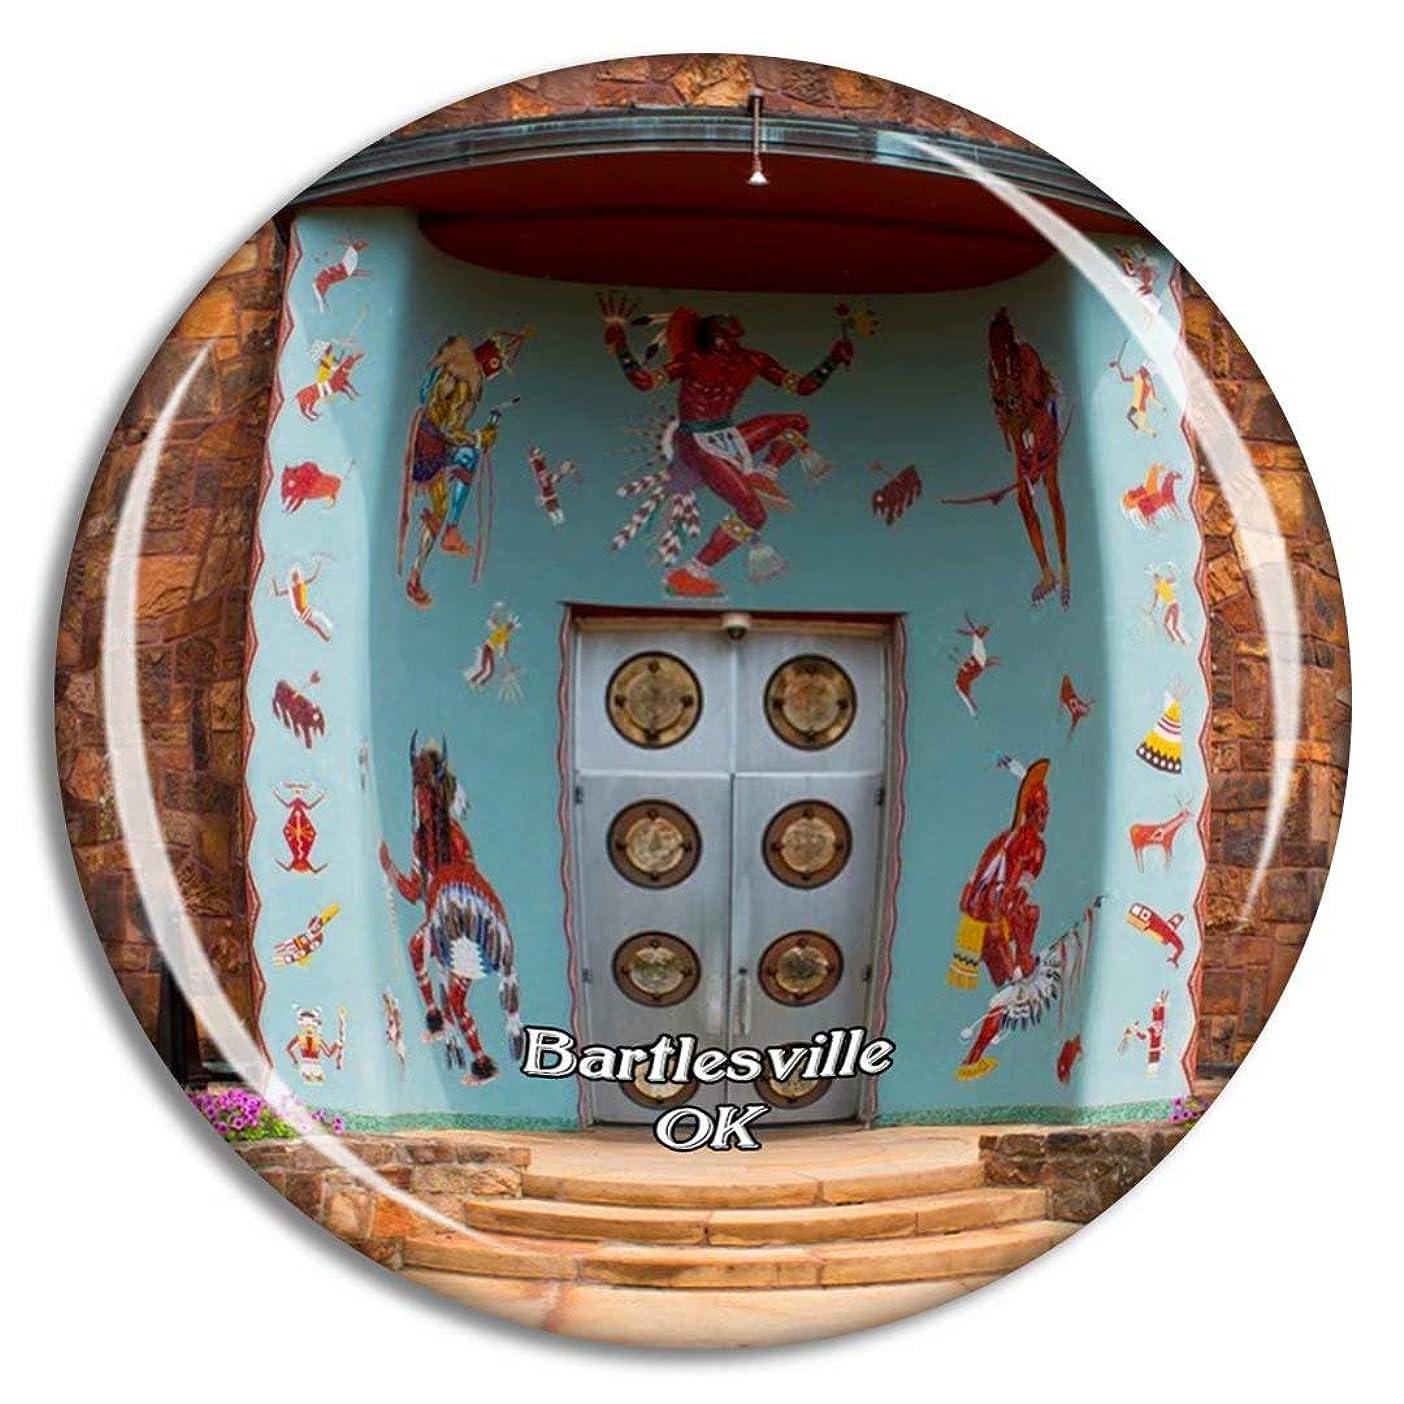 逃げる嵐が丘ダニBartlesville Woolaroc Museumオクラホマ米国冷蔵庫マグネット3Dクリスタルガラス観光都市旅行お土産コレクションギフト強い冷蔵庫ステッカー